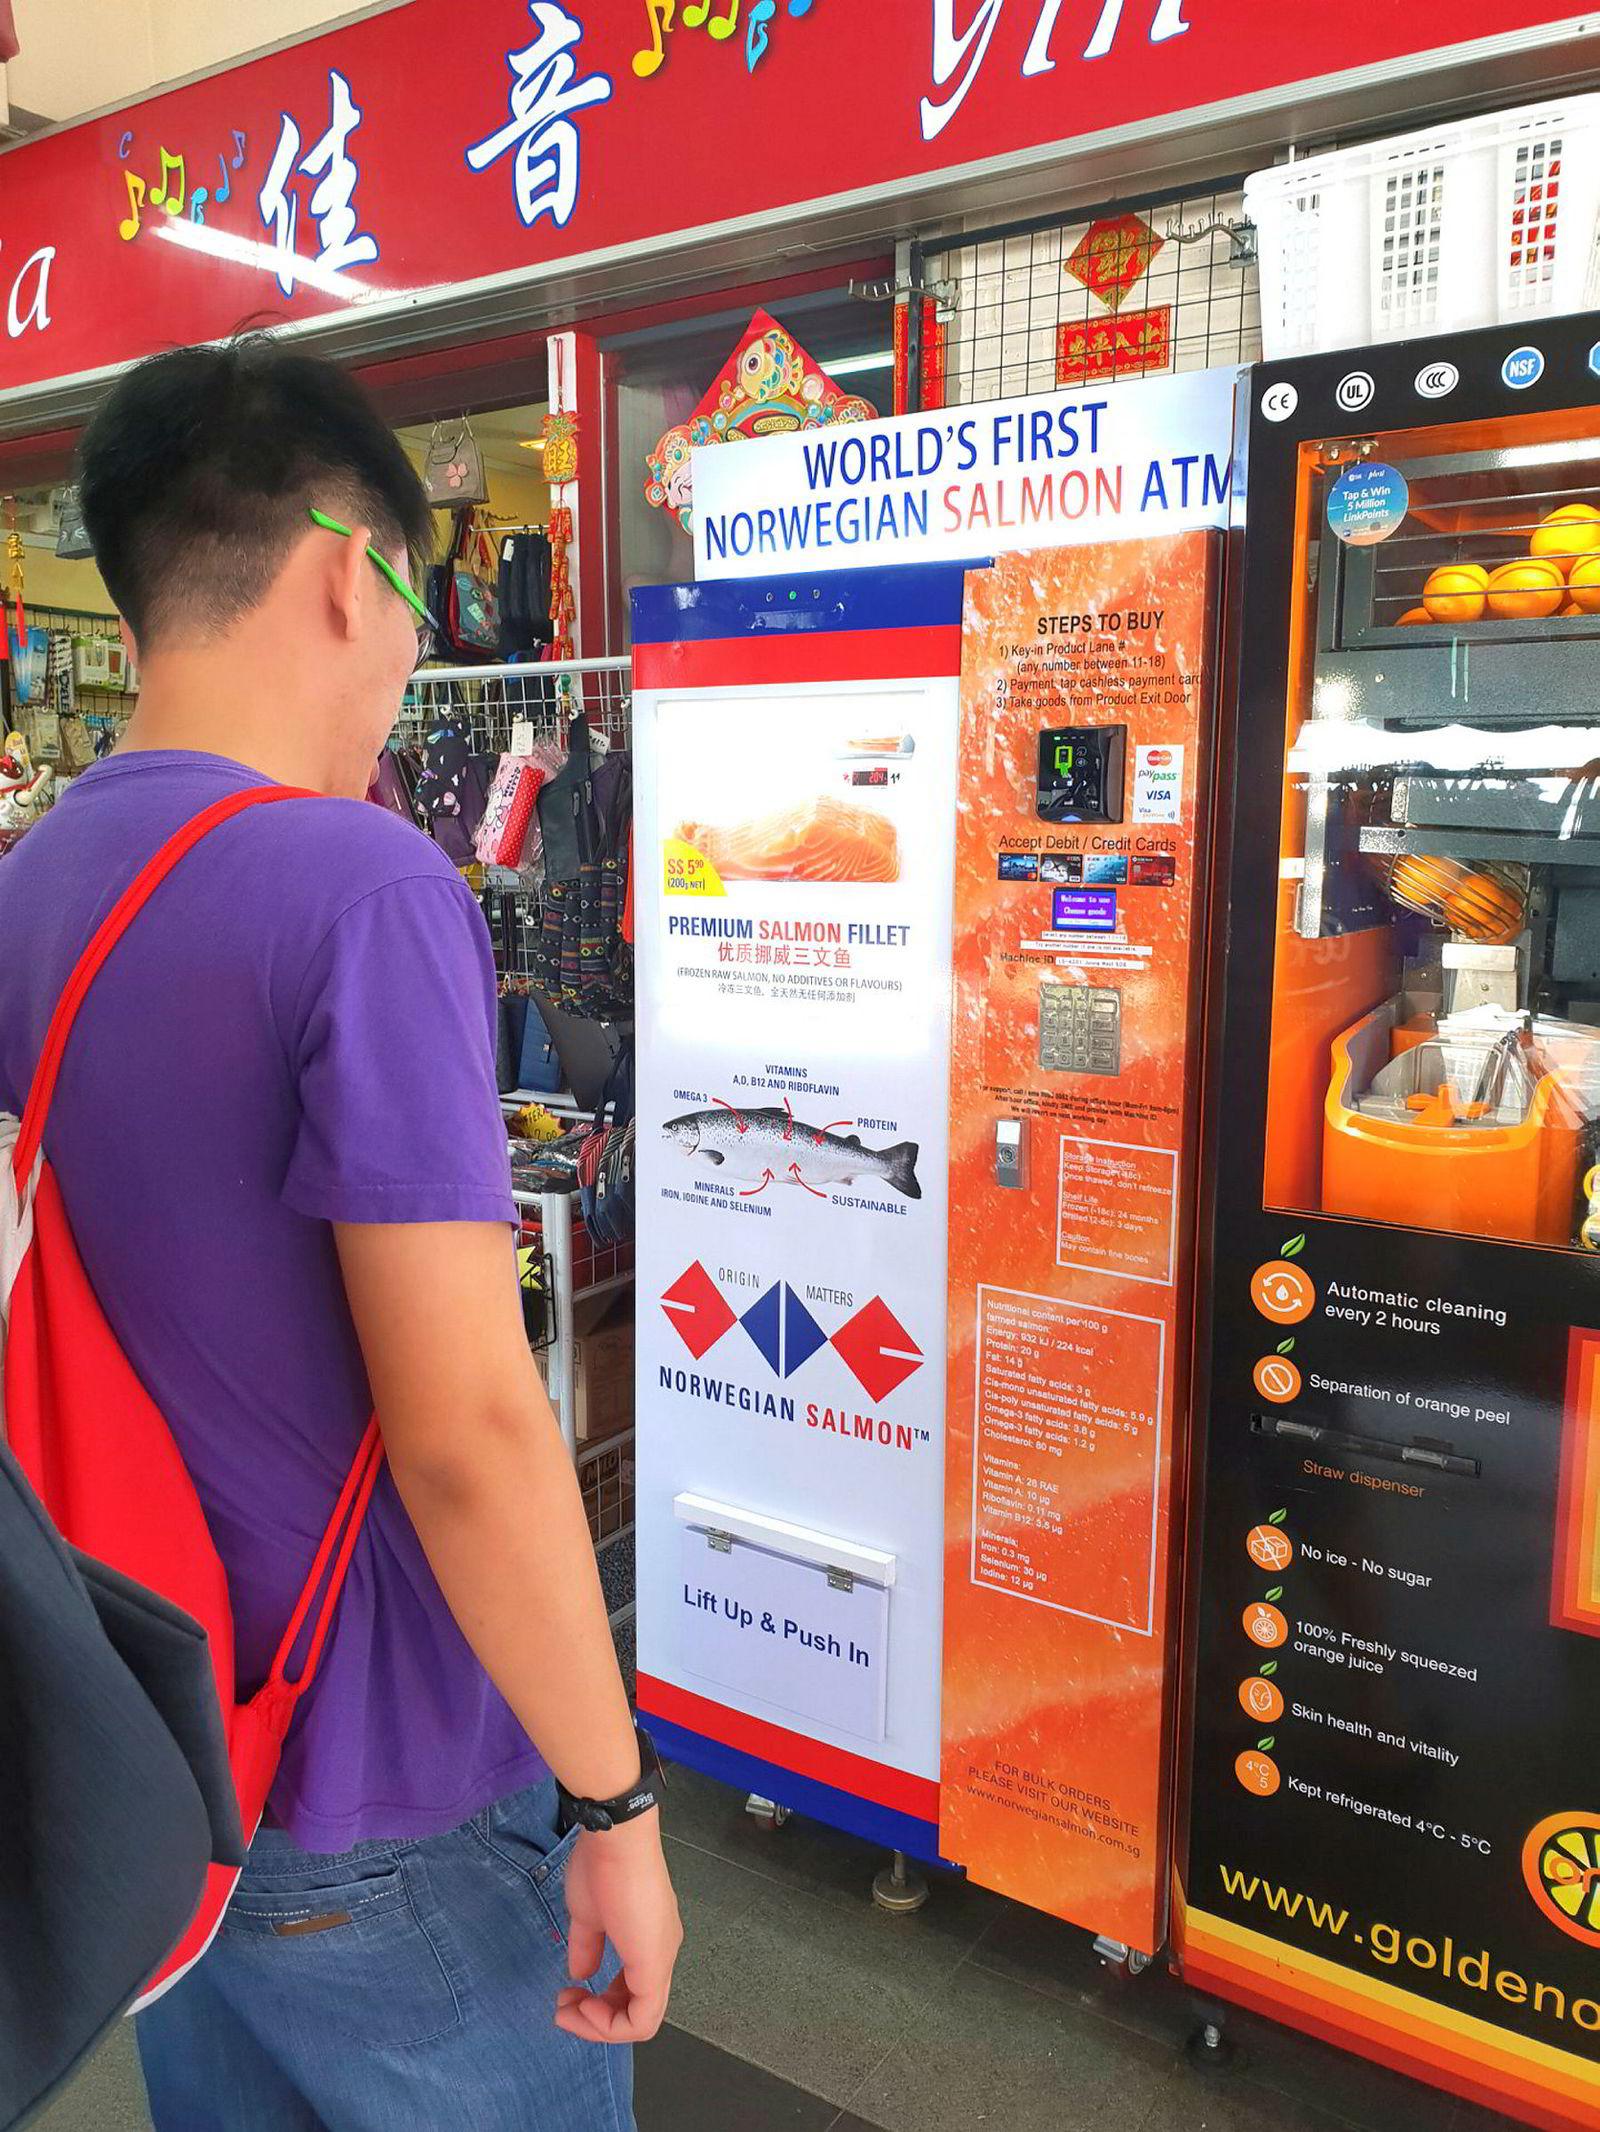 Lakseautomatene skal tilby praktisk fisk i farta til innbyggerne i Singapore. Banken utsteder 200 grams porsjoner med fryst laks.